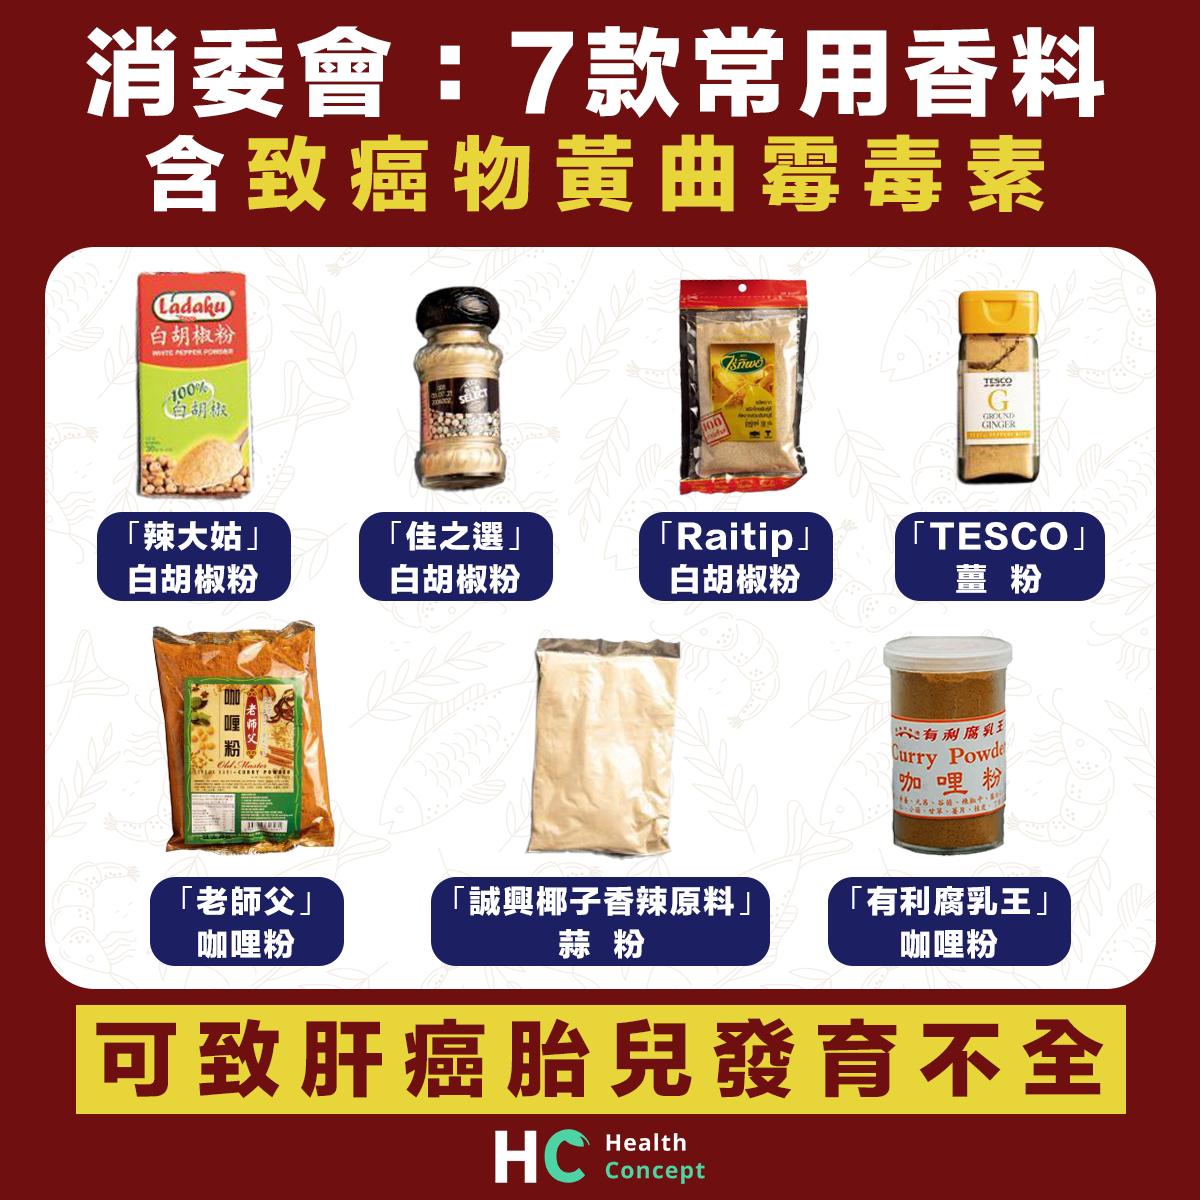 消委會測試7款香料含致癌物黃曲霉毒素,可致肝癌胎兒發育不全。